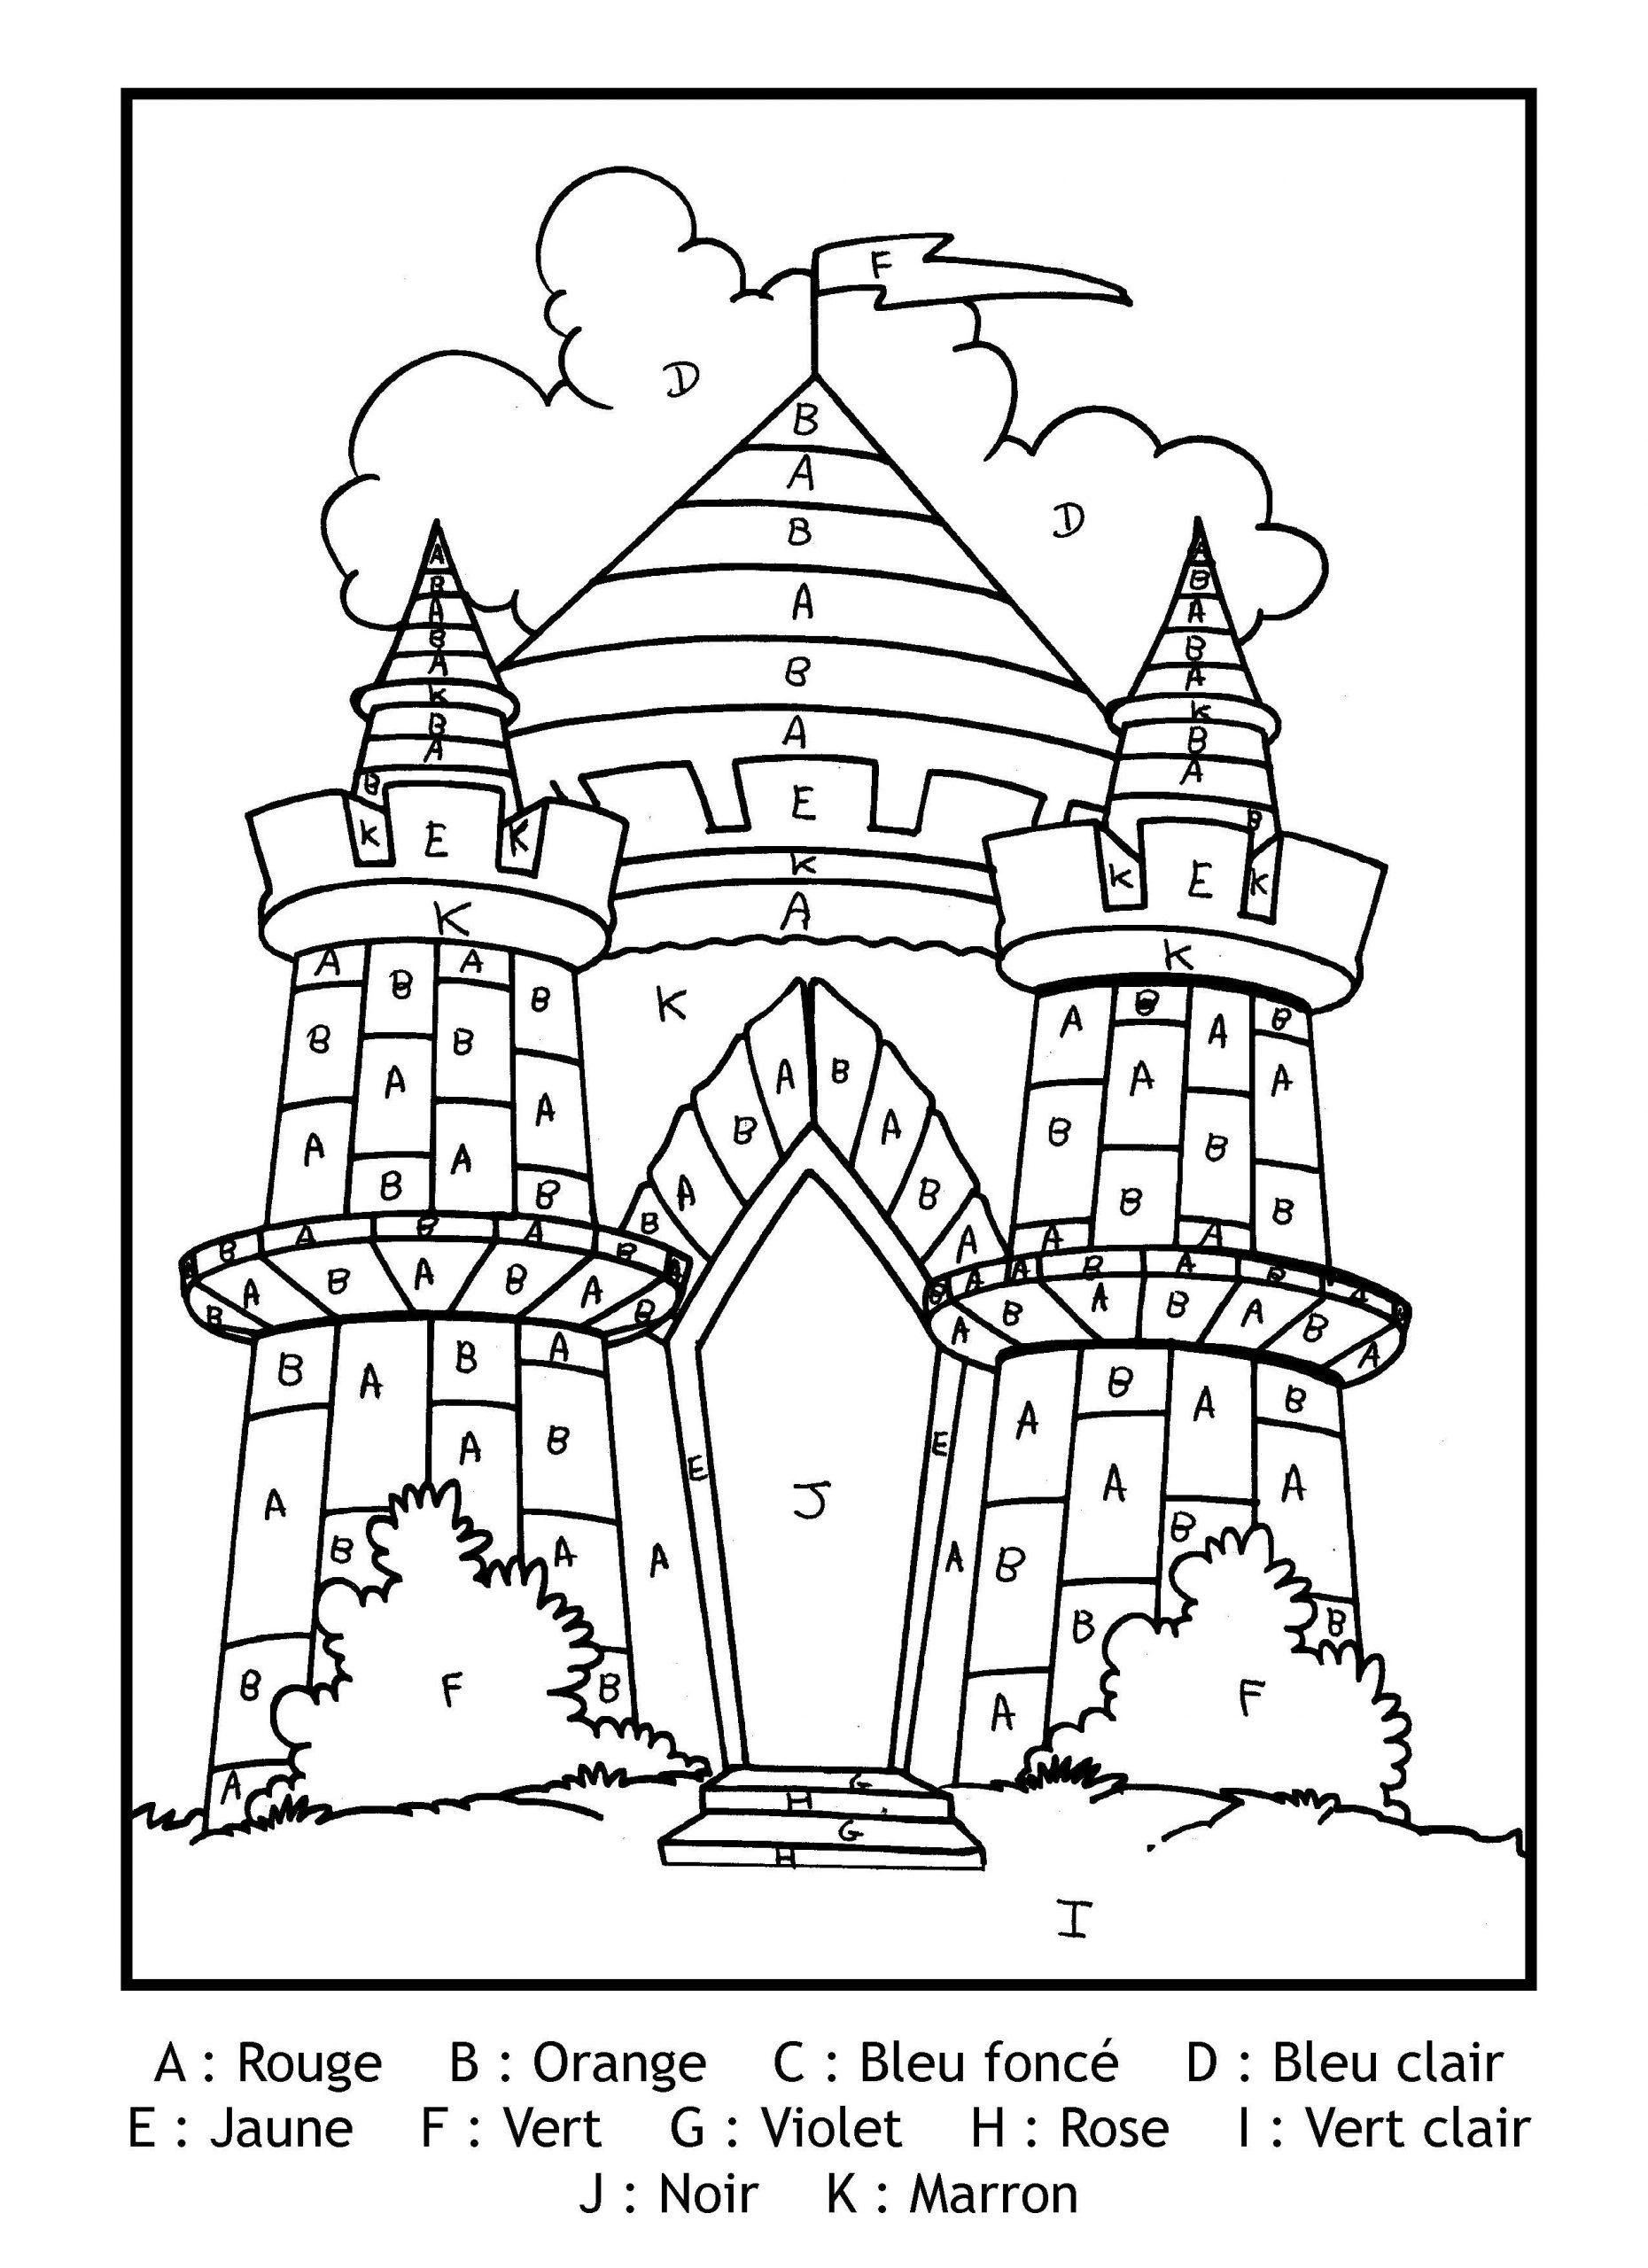 Épinglé Par Vlasta Maxová Sur Školka | Coloriage Magique concernant Jeux Des Différences À Imprimer Pour Adultes